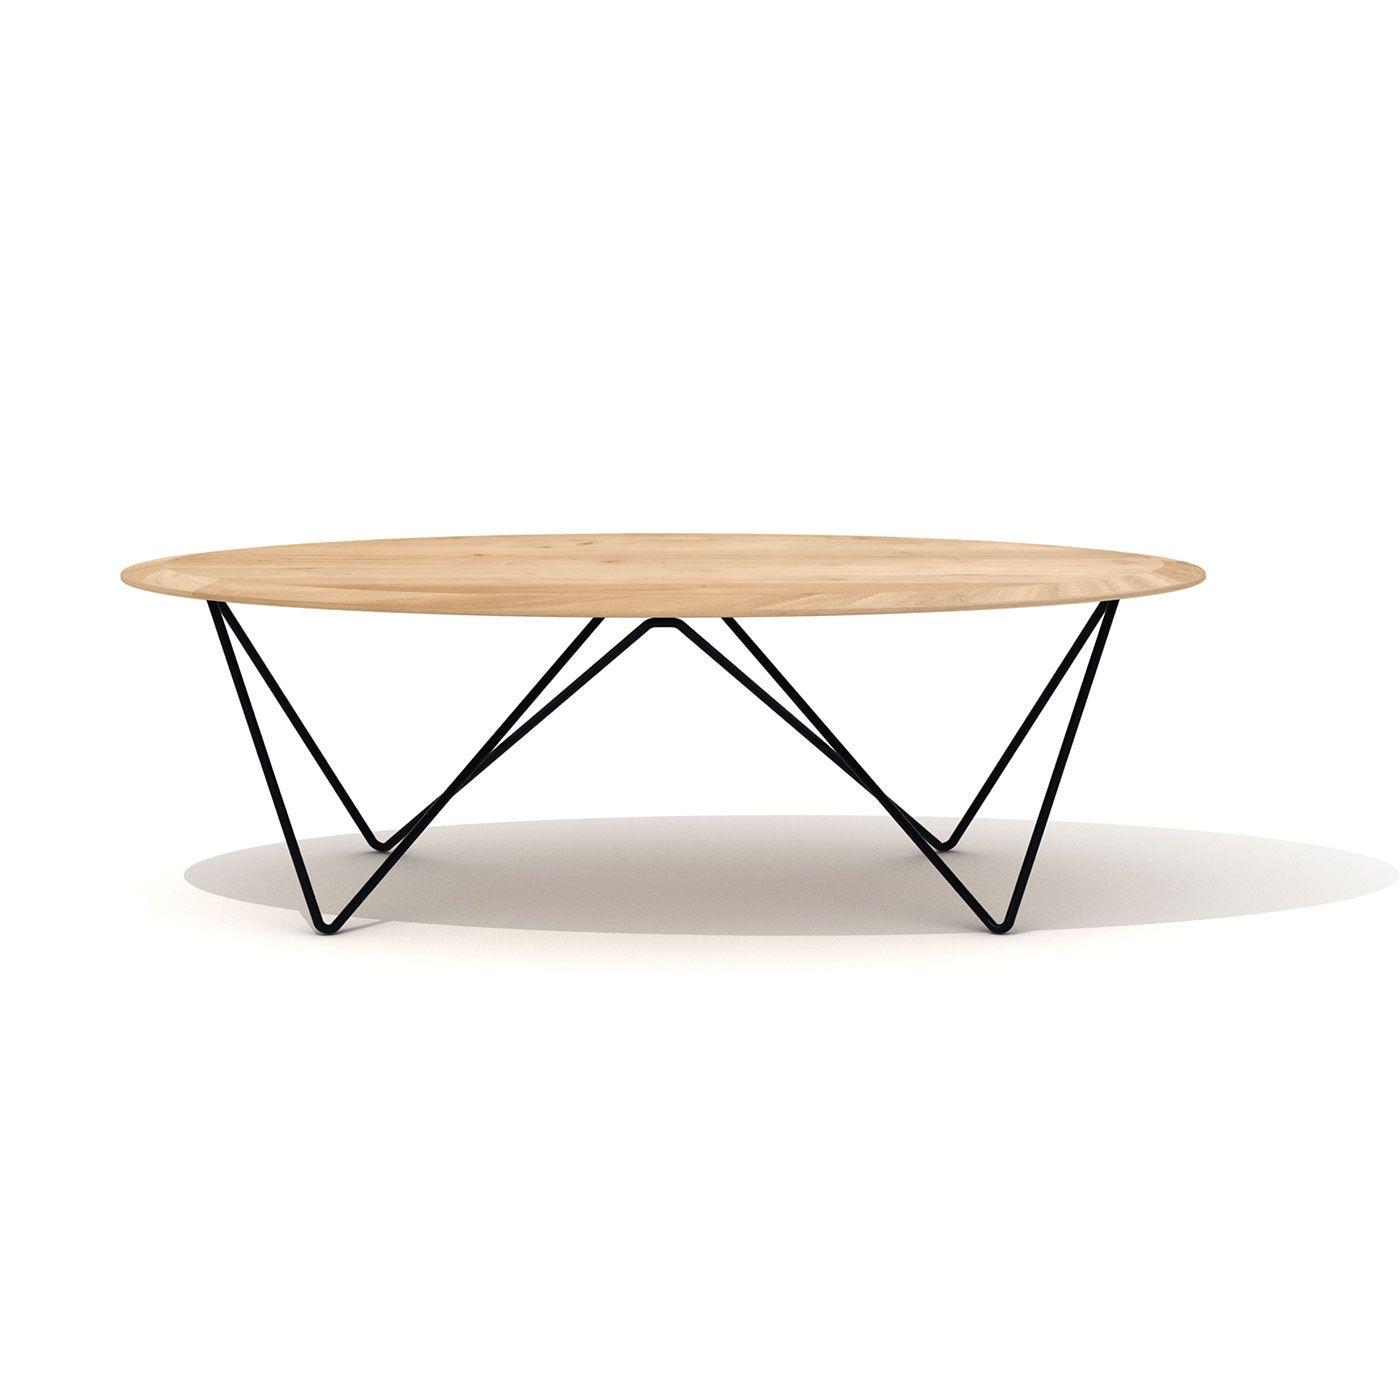 Magnifique Petite Table Basse Ovale Decoration Francaise In 2019